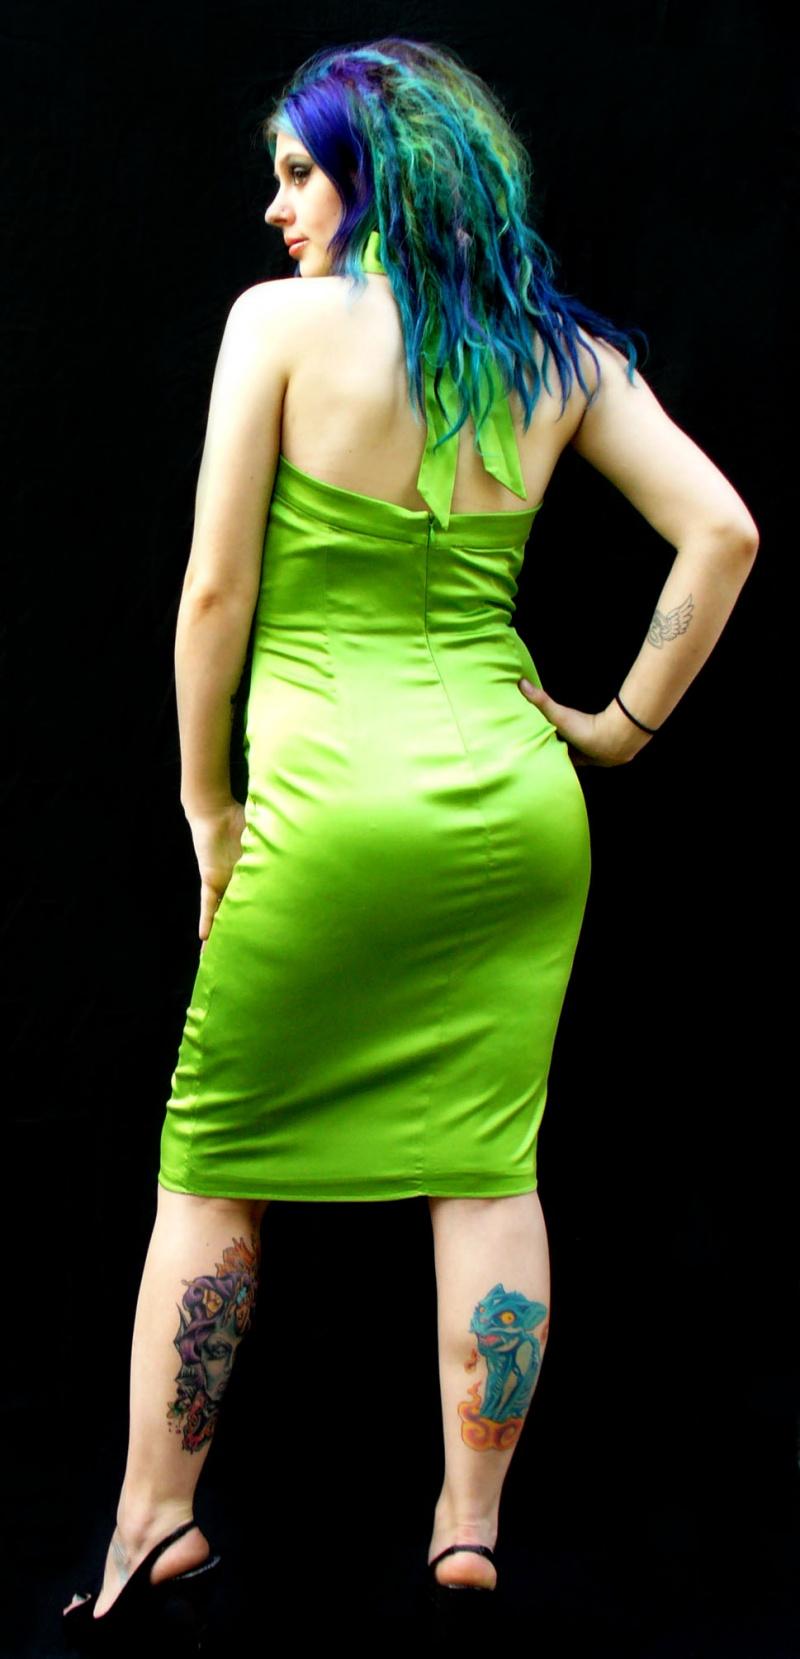 Aug 22, 2008 Cordial Lee Photo Model: Toxic, MUA: Myself